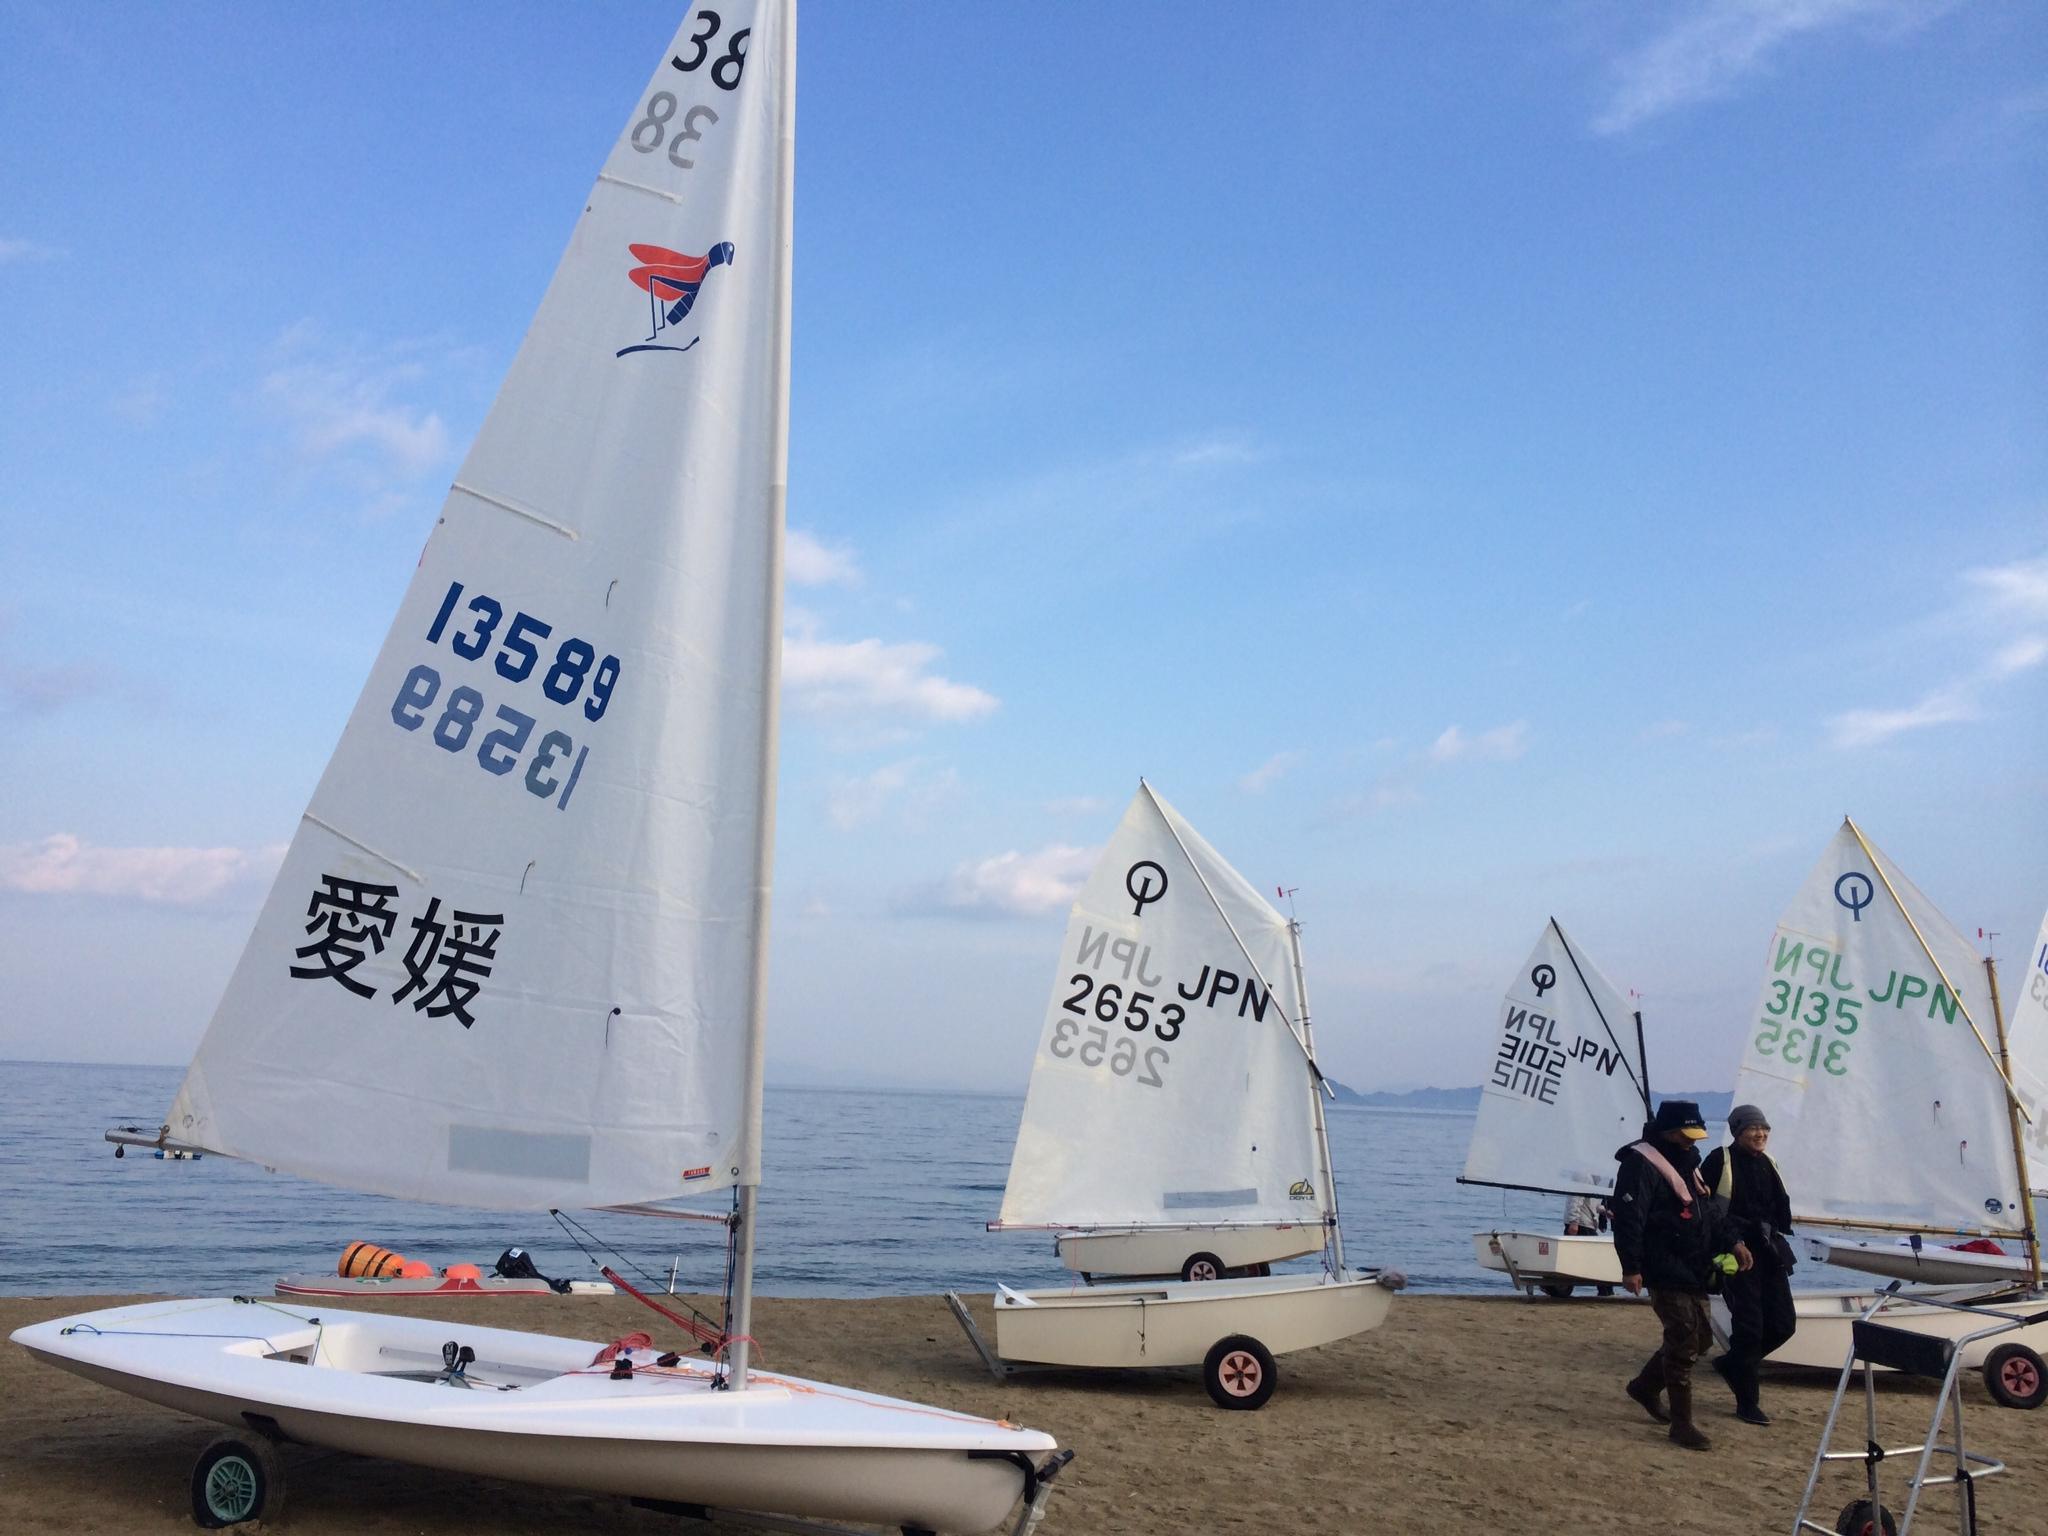 平成25年度愛媛選手権兼第3回愛媛県ポイントレース レース結果